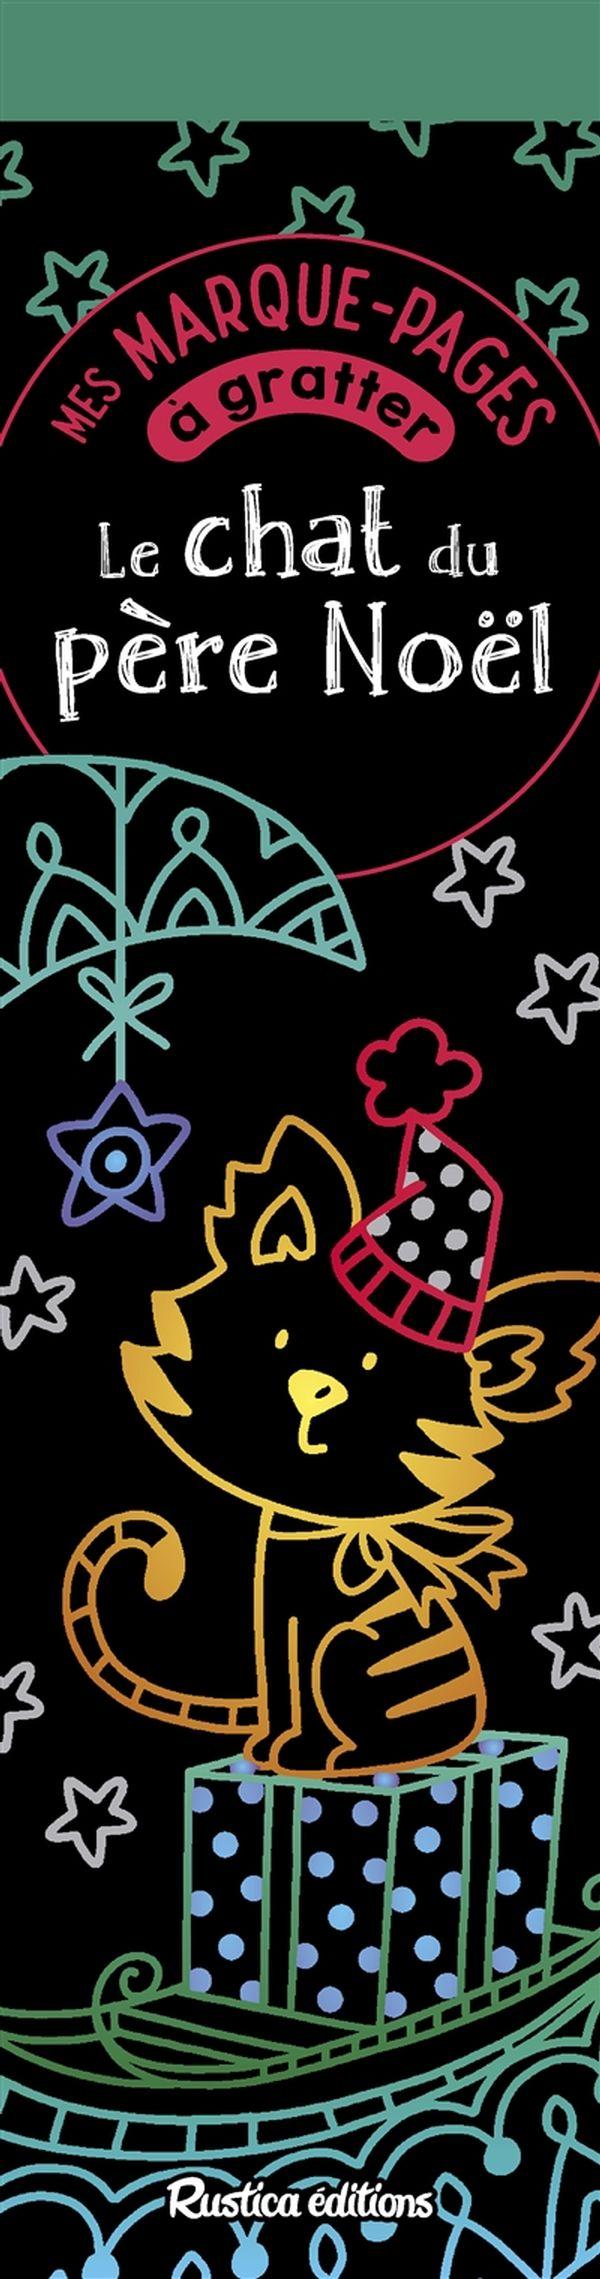 Mes marque-pages à gratter - Le chat du Père Noël